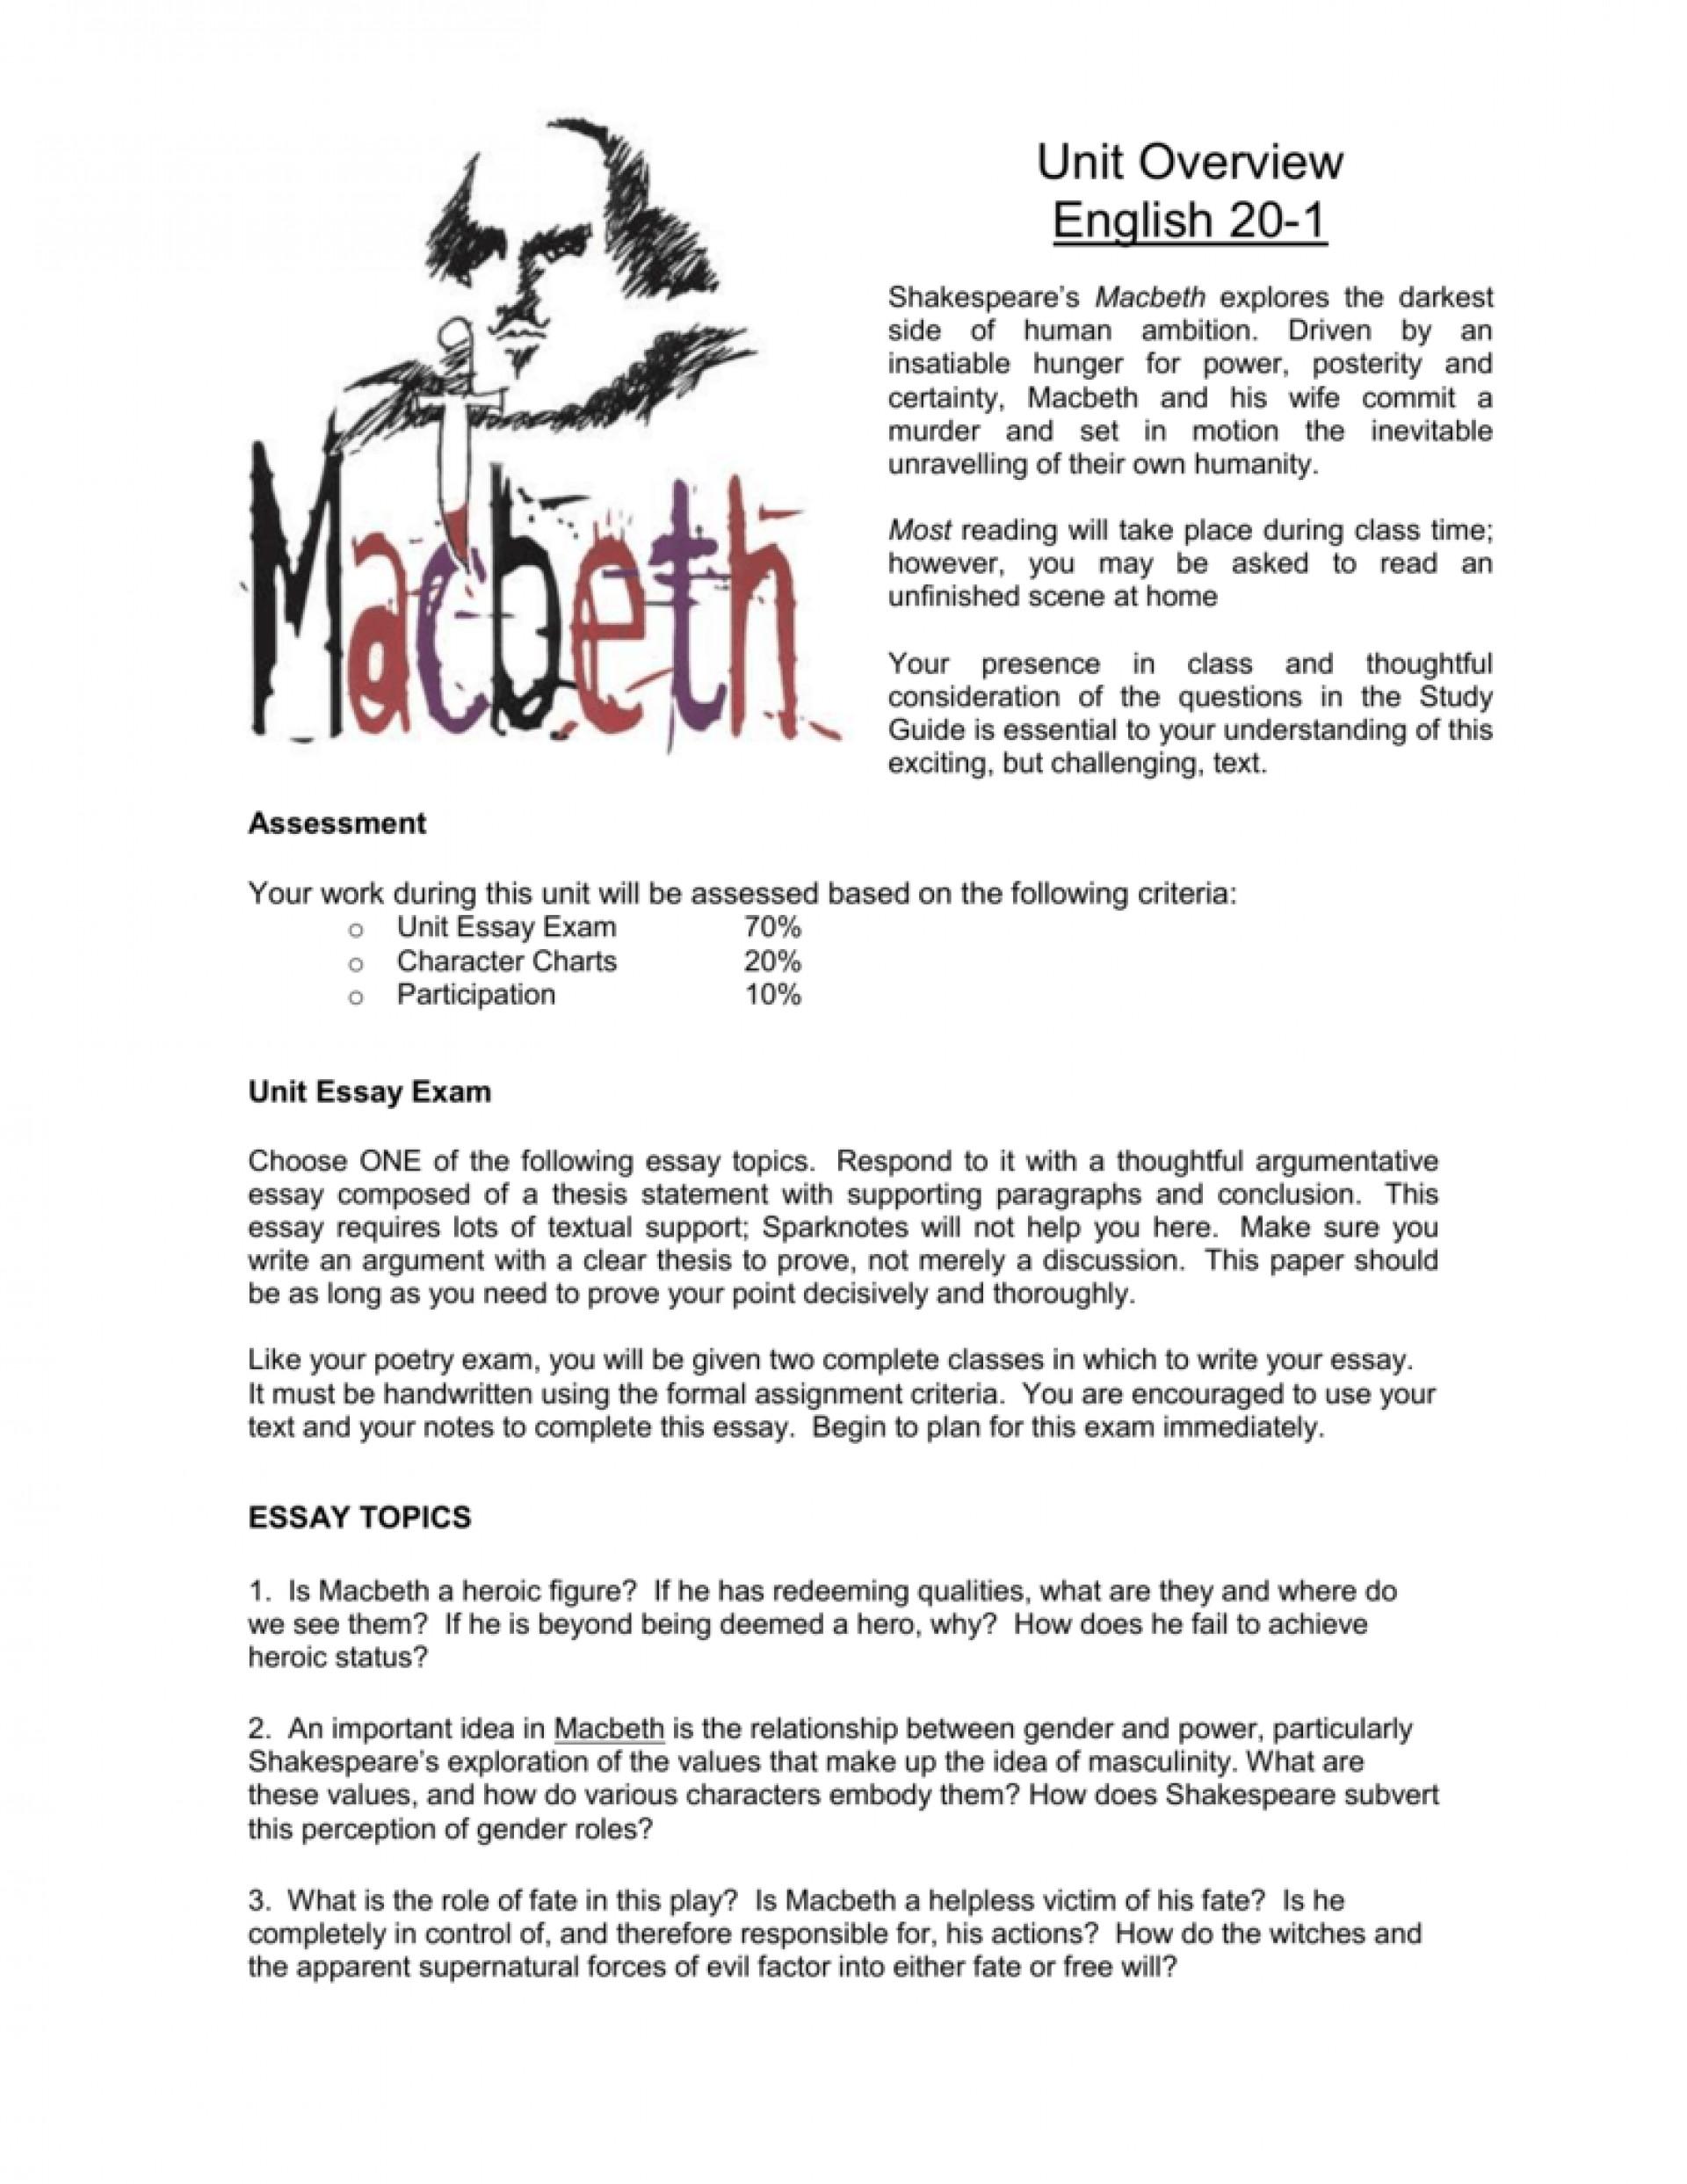 002 008041500 1 Macbeth Essay Topics Surprising Examples Pdf Grade 11 Tragic Hero 1920